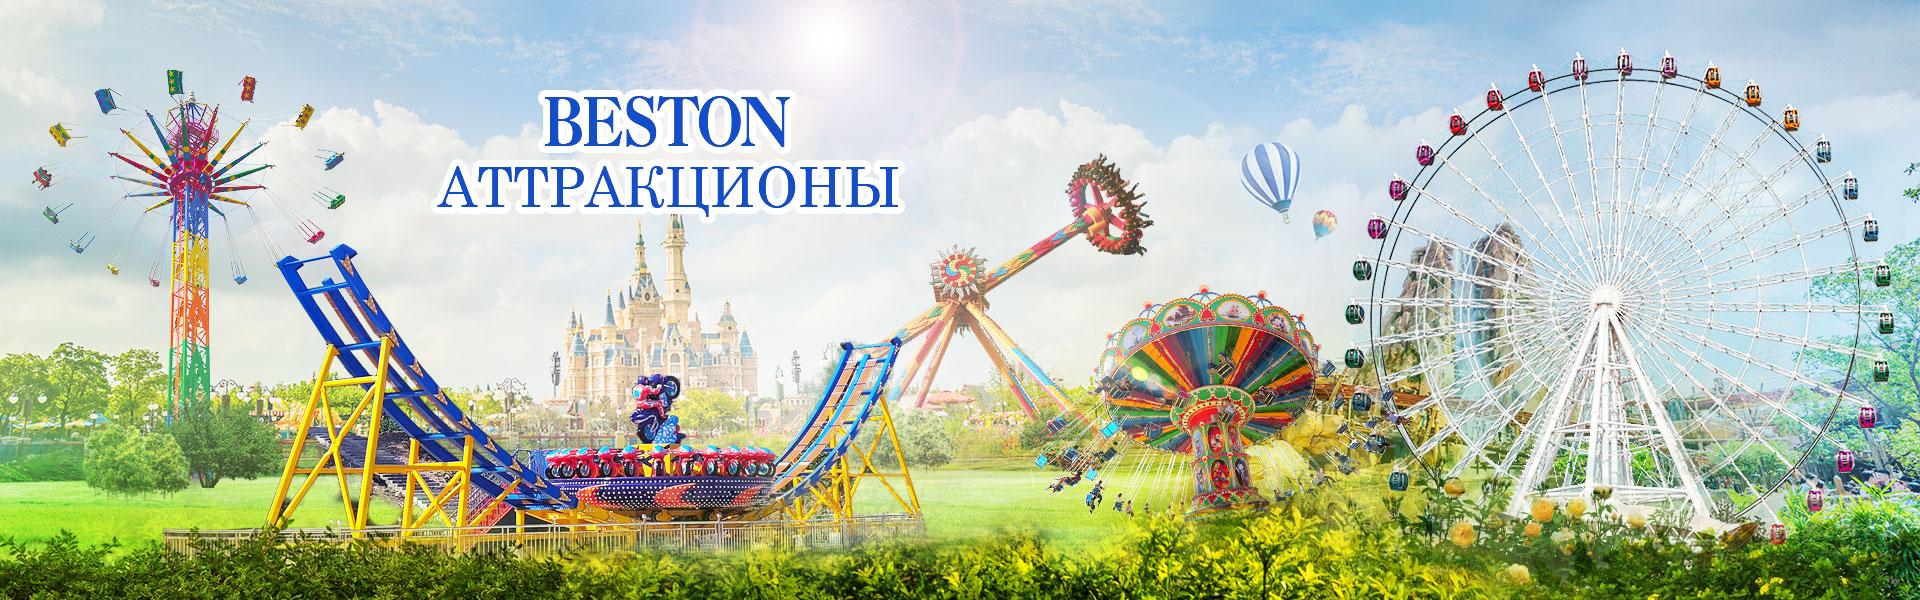 BESTON Playground Equipment